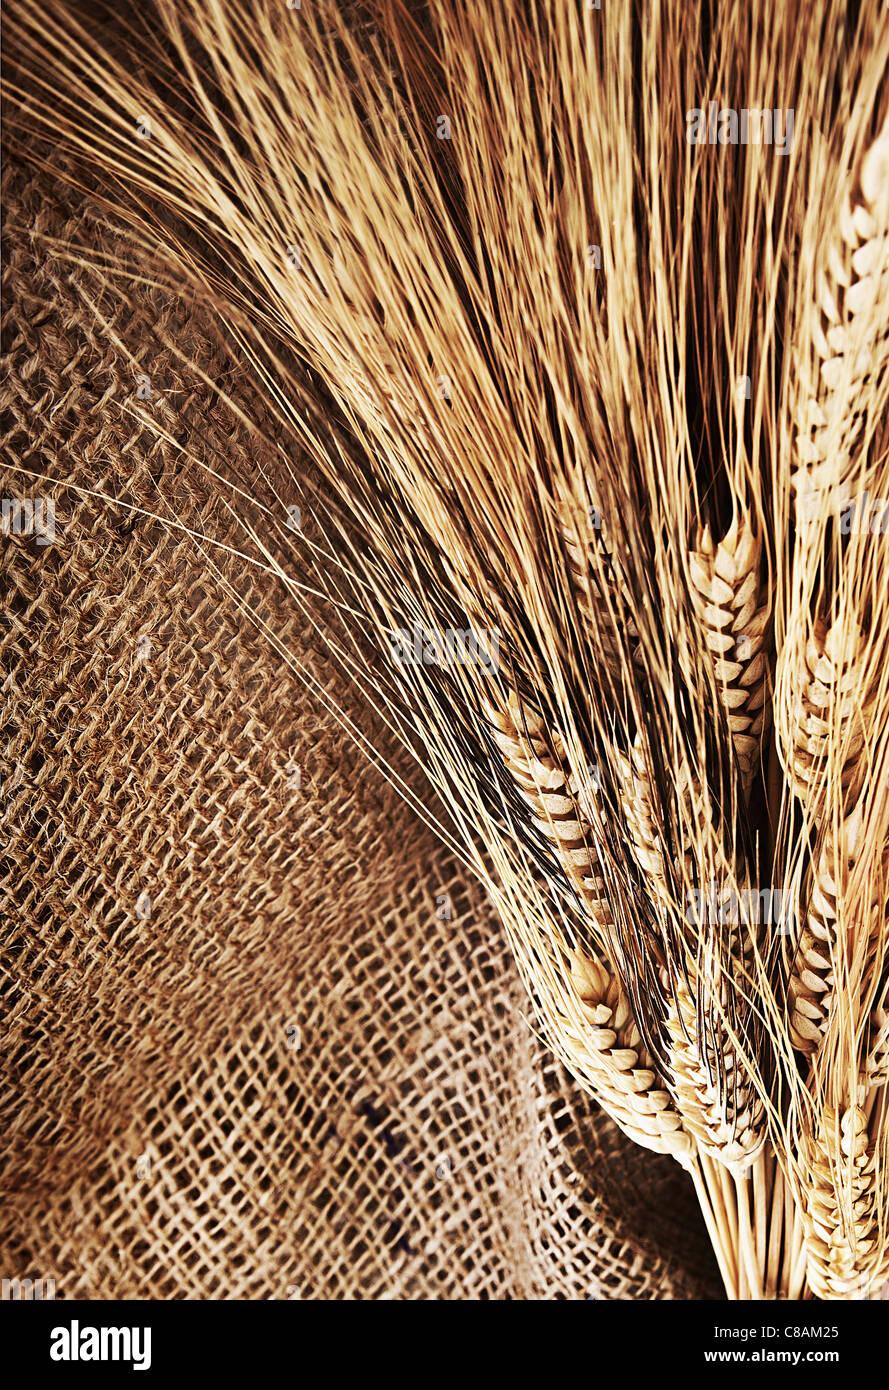 Borde de trigo sobre el fondo del lienzo, el tiempo de la cosecha, la fiesta de acción de gracias de decoración Imagen De Stock